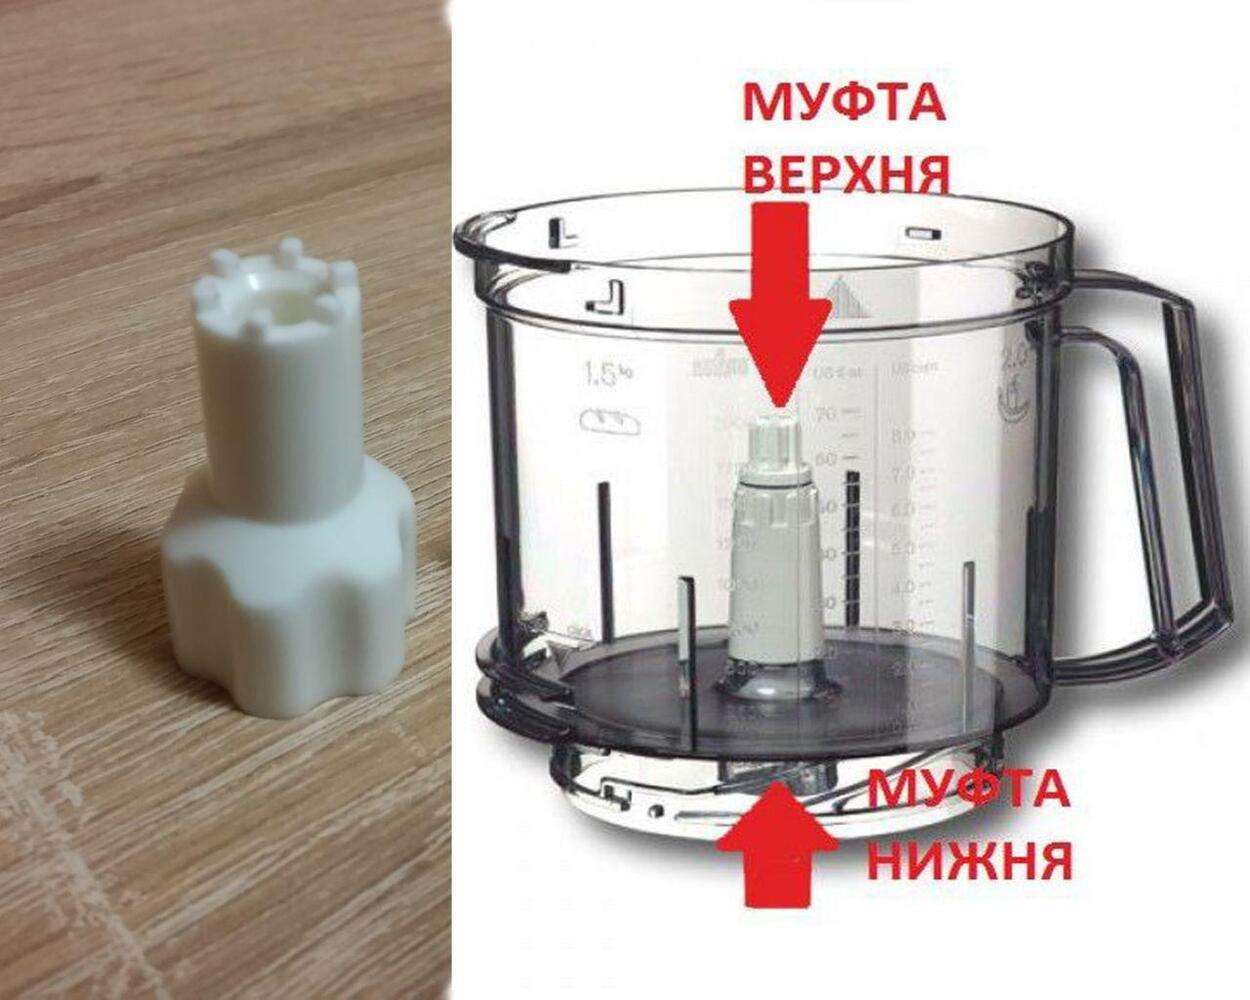 Муфта (ремкомплект) до великої чаші BRAUN K700, FX3030 (3200041)